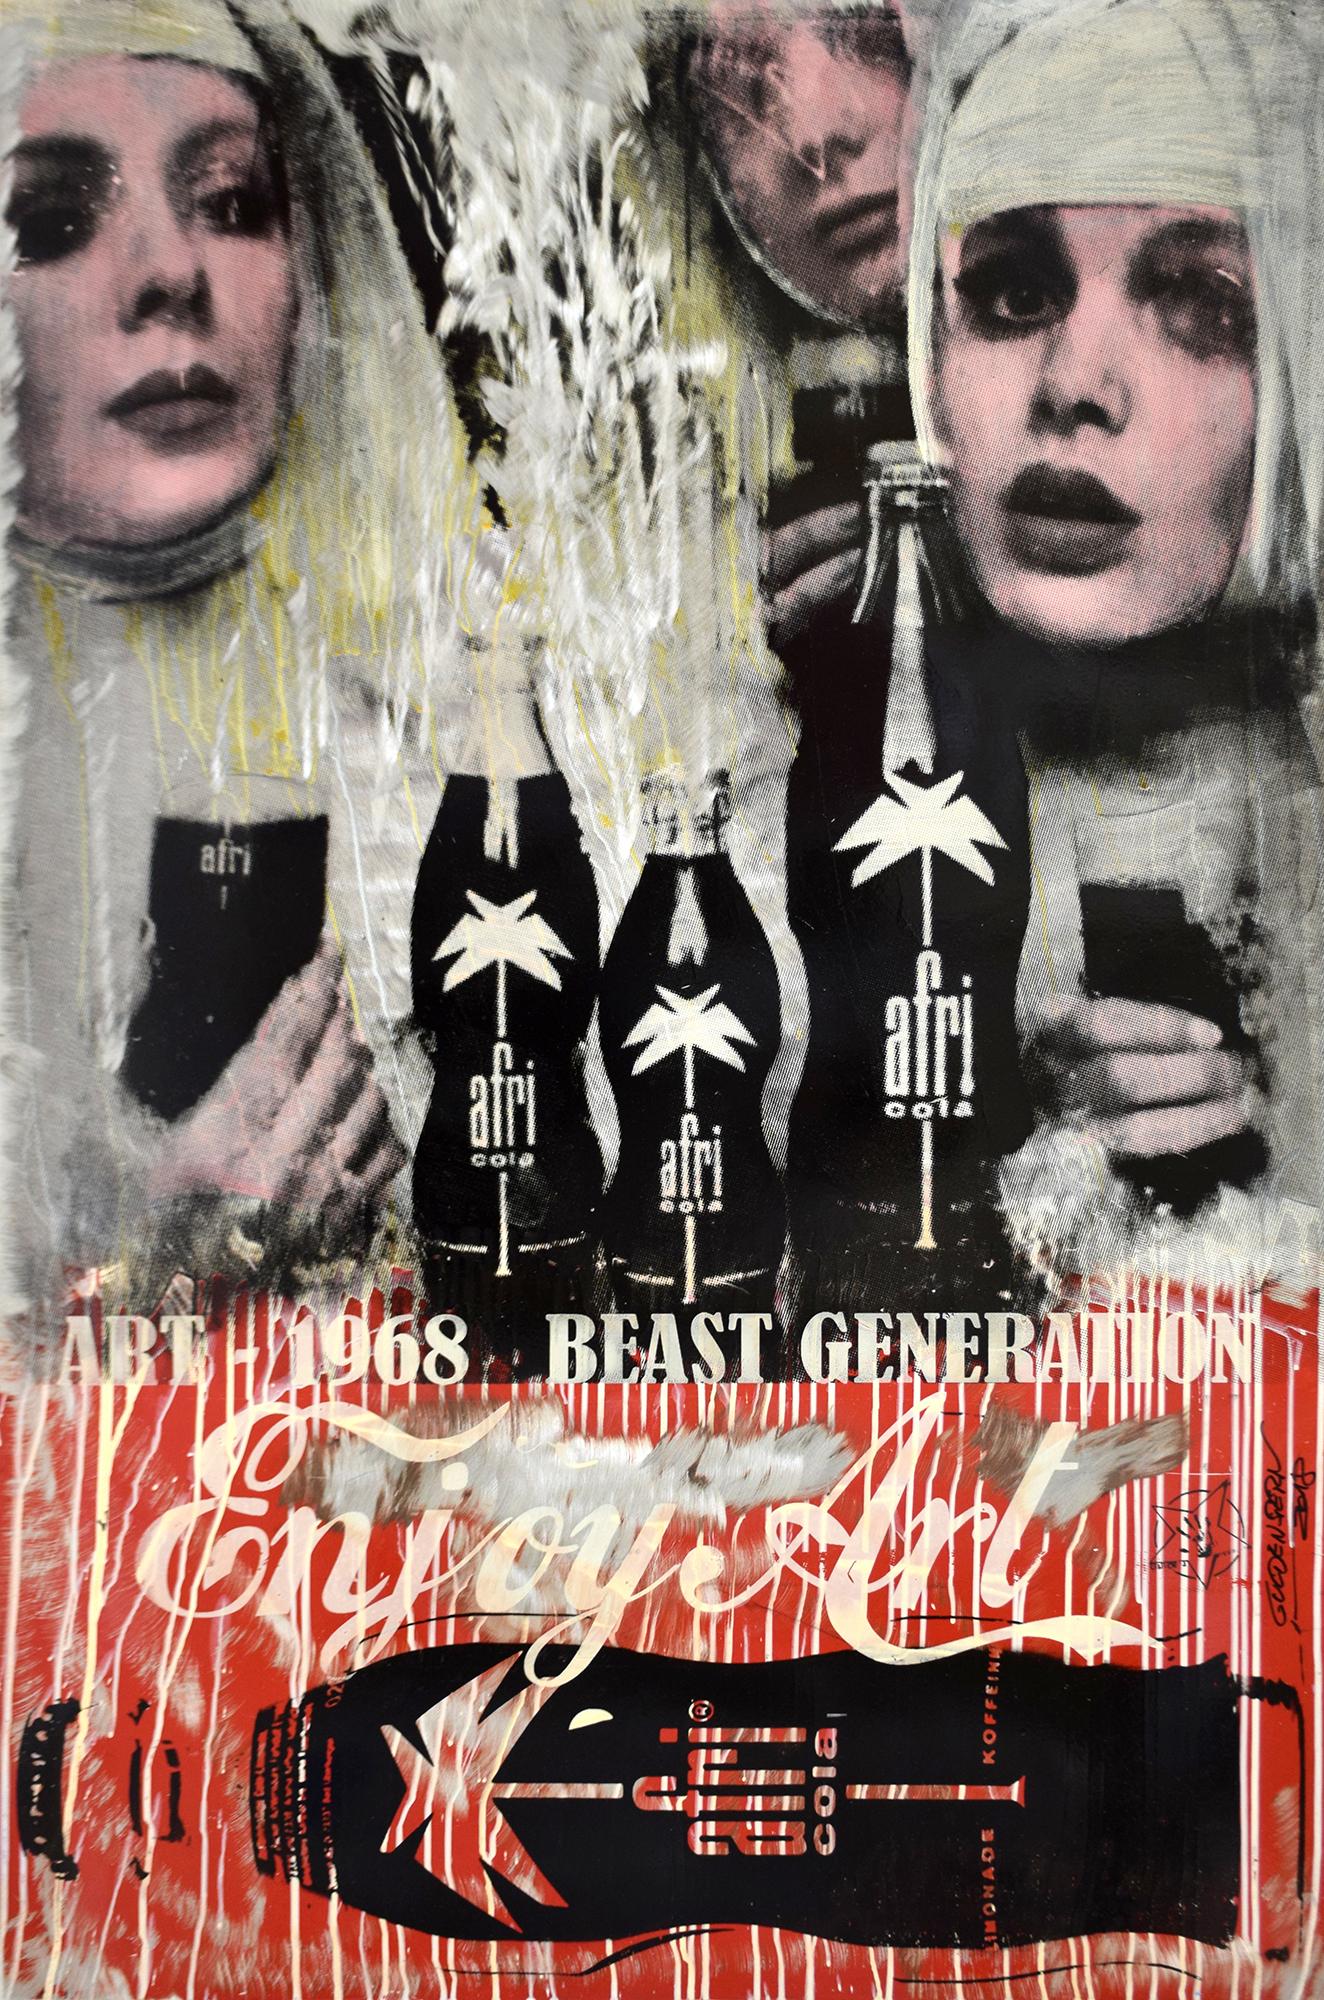 Guldenstern - Beast Generation , 6600-012-917